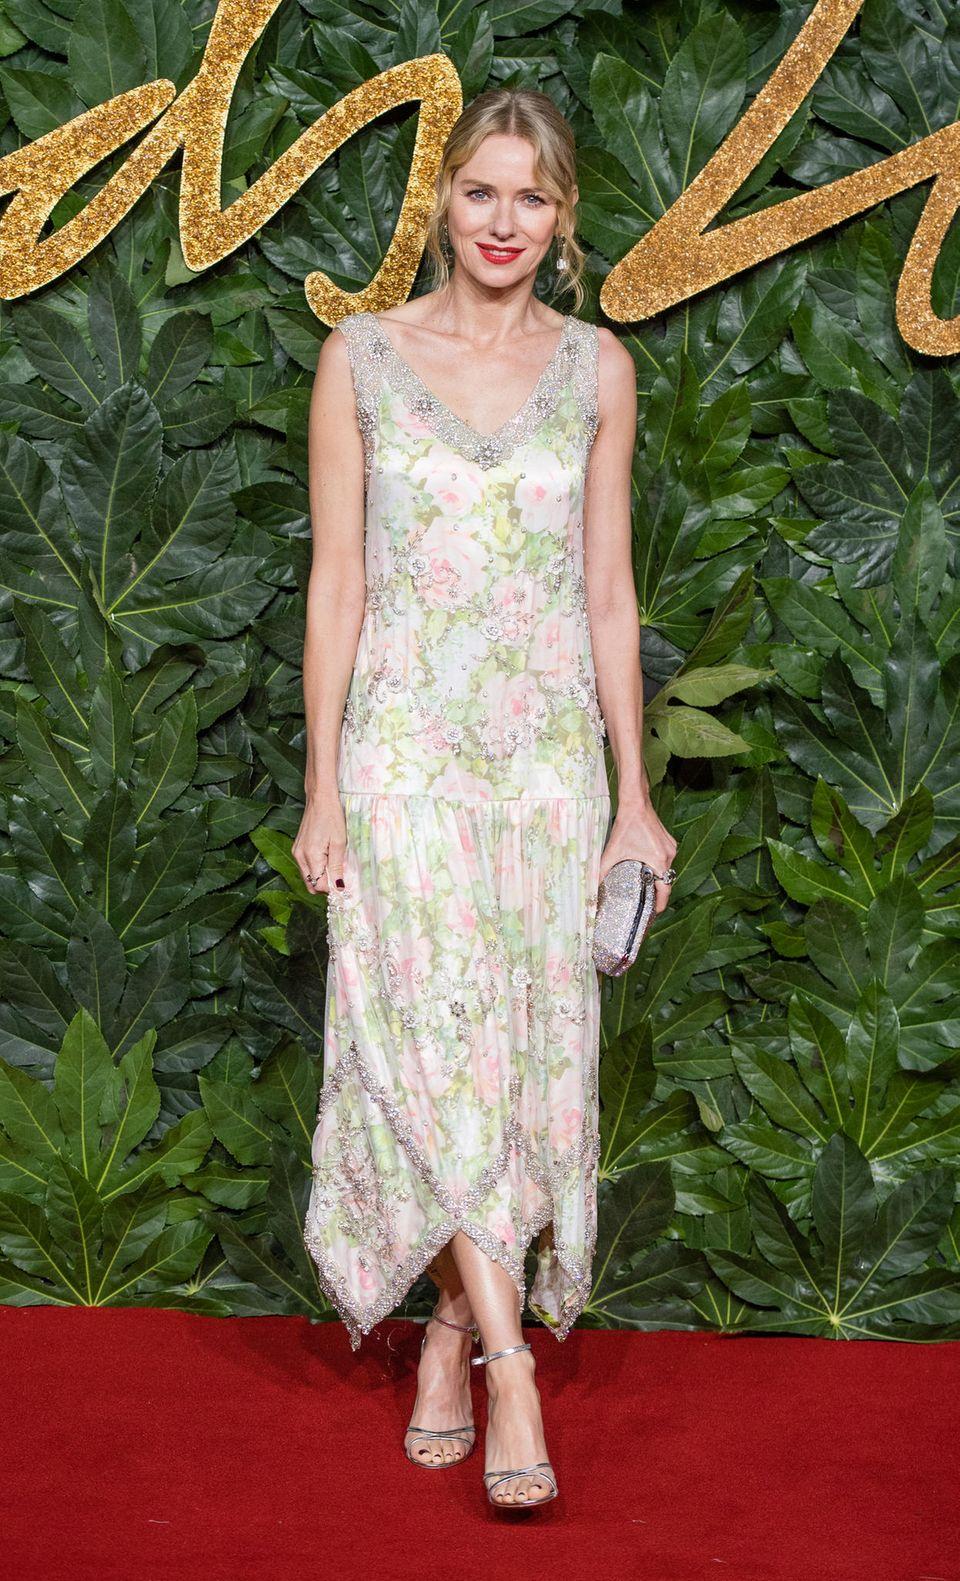 Es istnicht nur Naomi Watts' Schmuck von Atelier Swarovski, der so wundervoll glitzert. Auch ihr Kleid ist mit funkelnden Steinchen und Perlen bestickt.